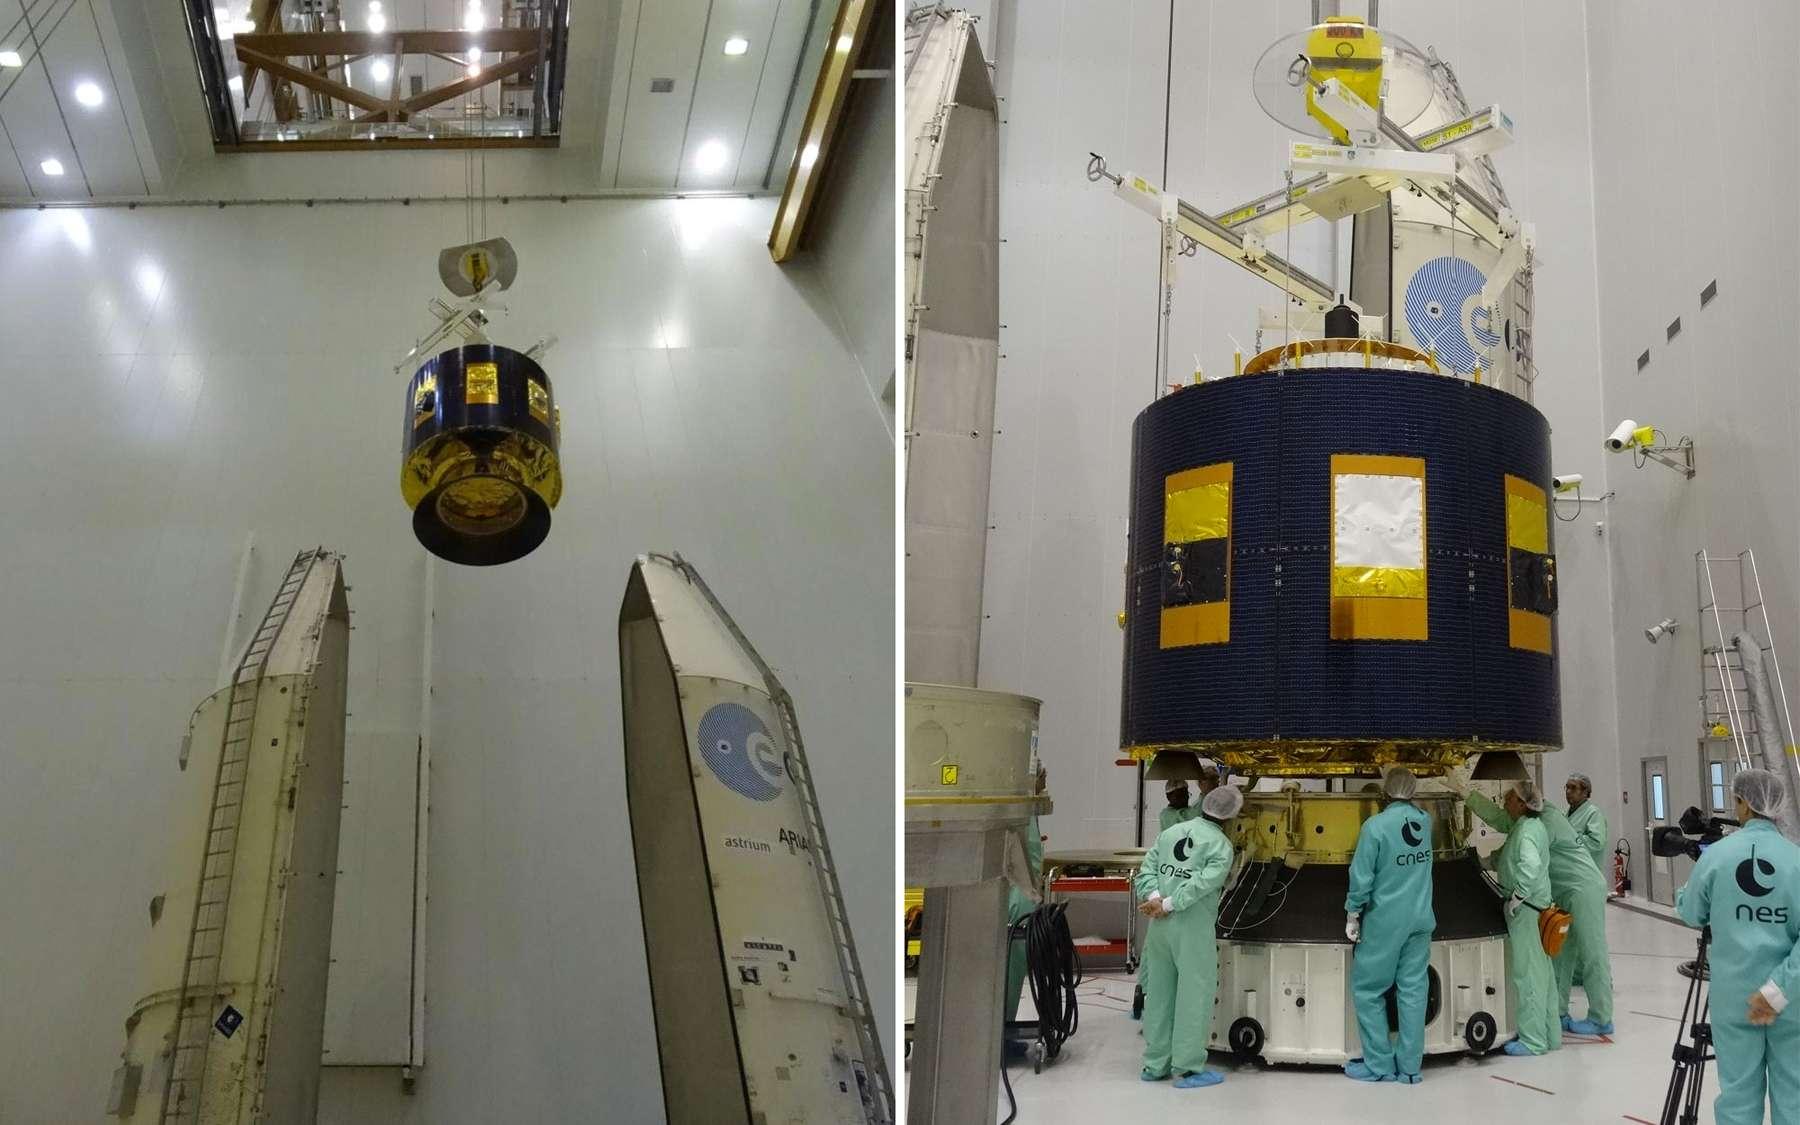 Le satellite MSG 4 avant sa mise sous la coiffe du lanceur Ariane 5 ECA. © Esa, Cnes, Arianespace, Service optique CSG